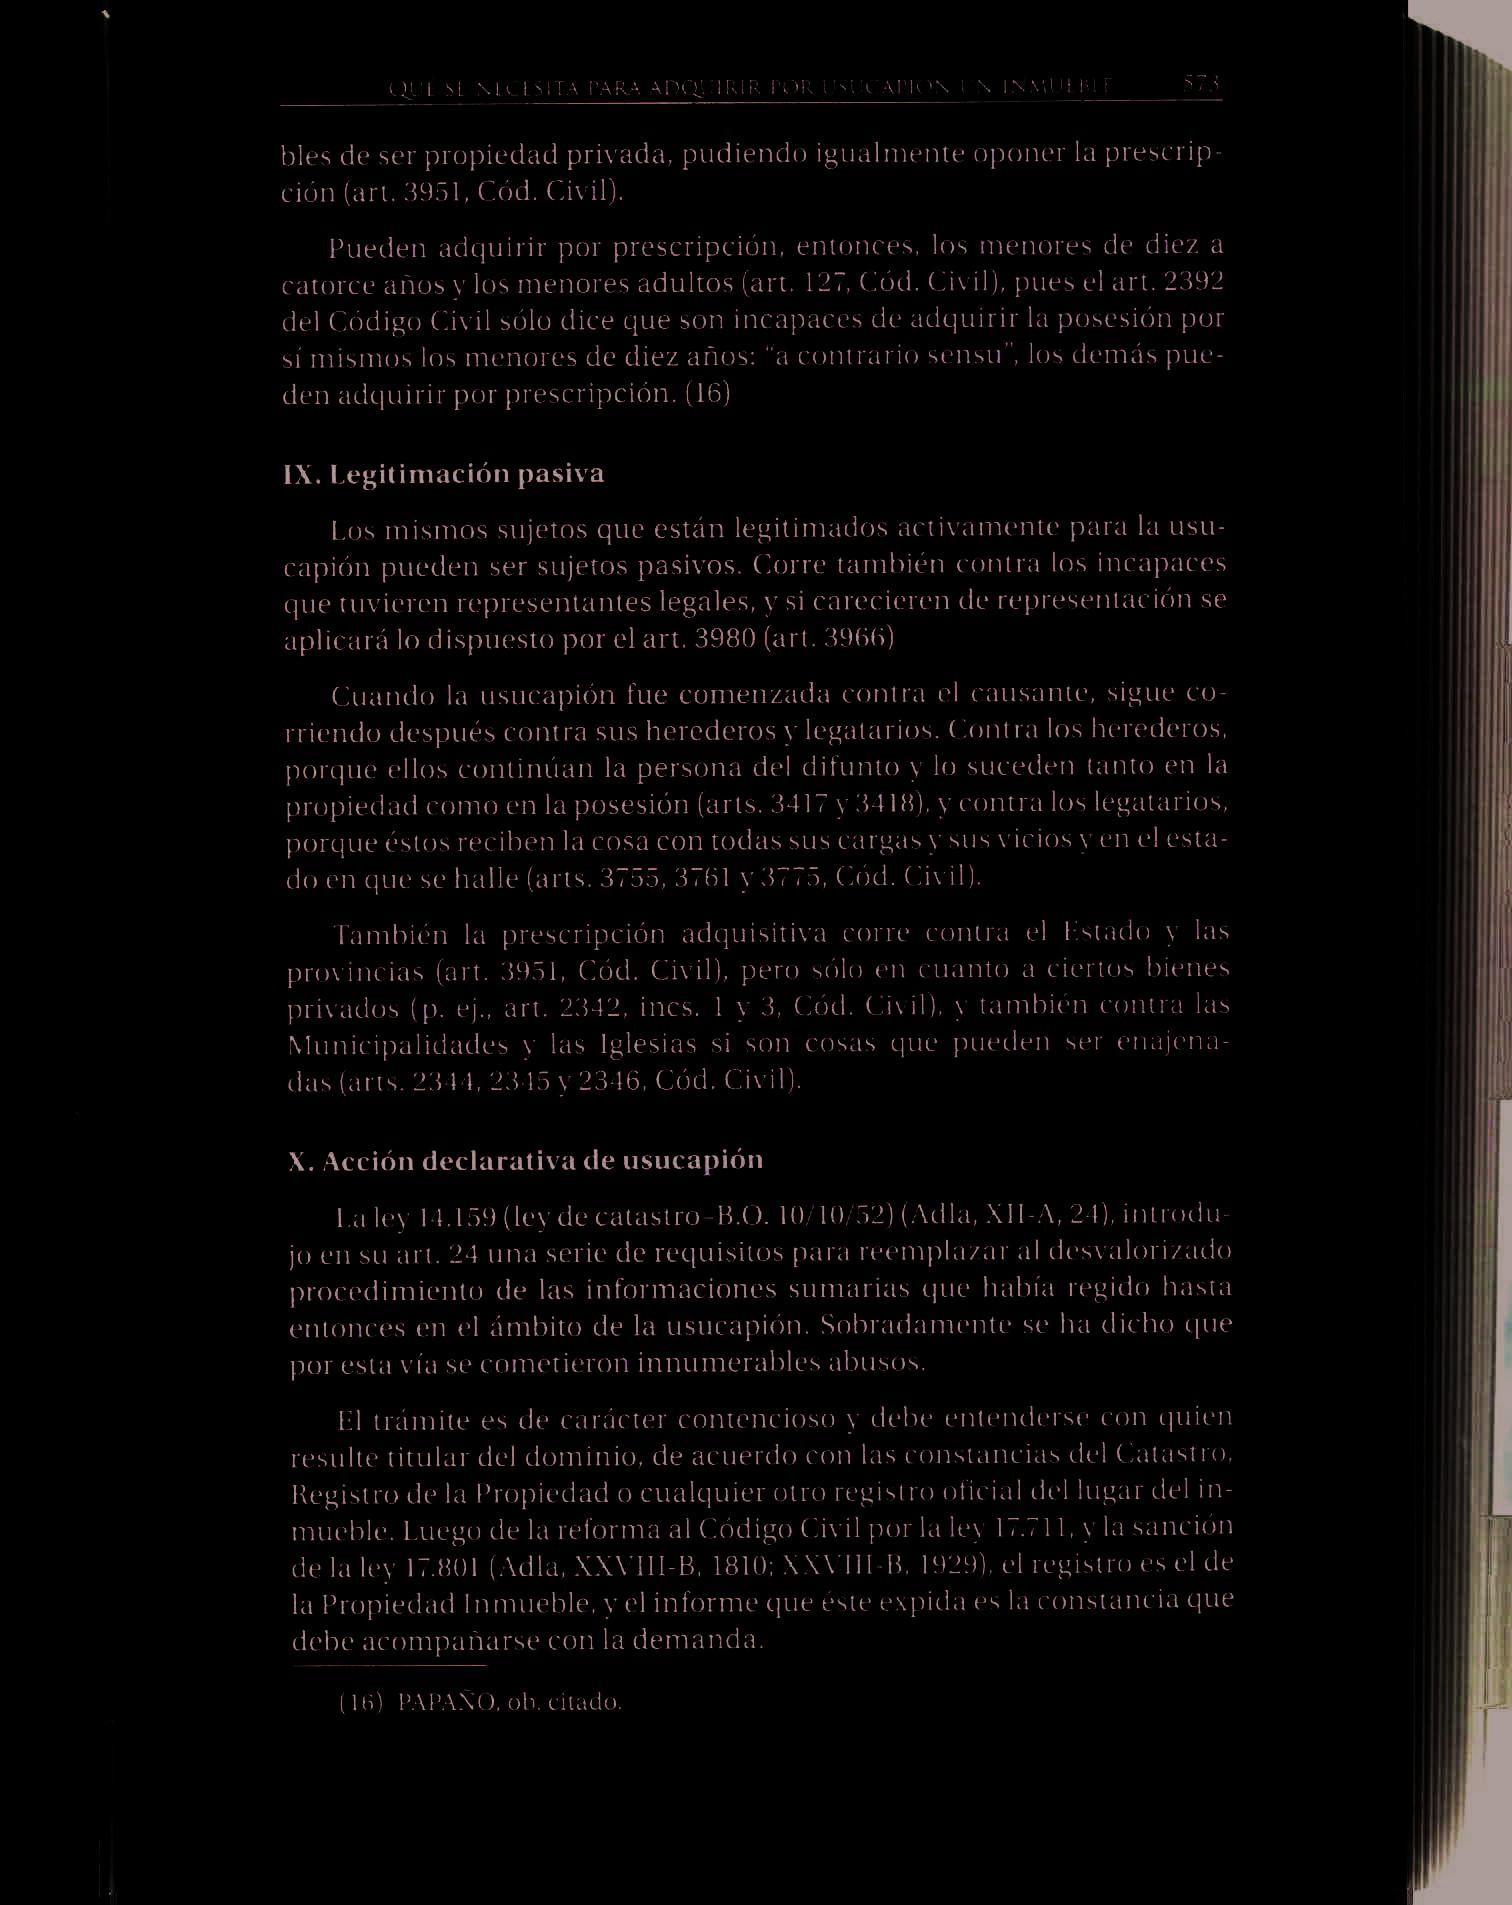 Index Of Greenstone Collect Salagr Index Assoc Hash7c61 Dir # Codigo Civil Muebles E Inmuebles